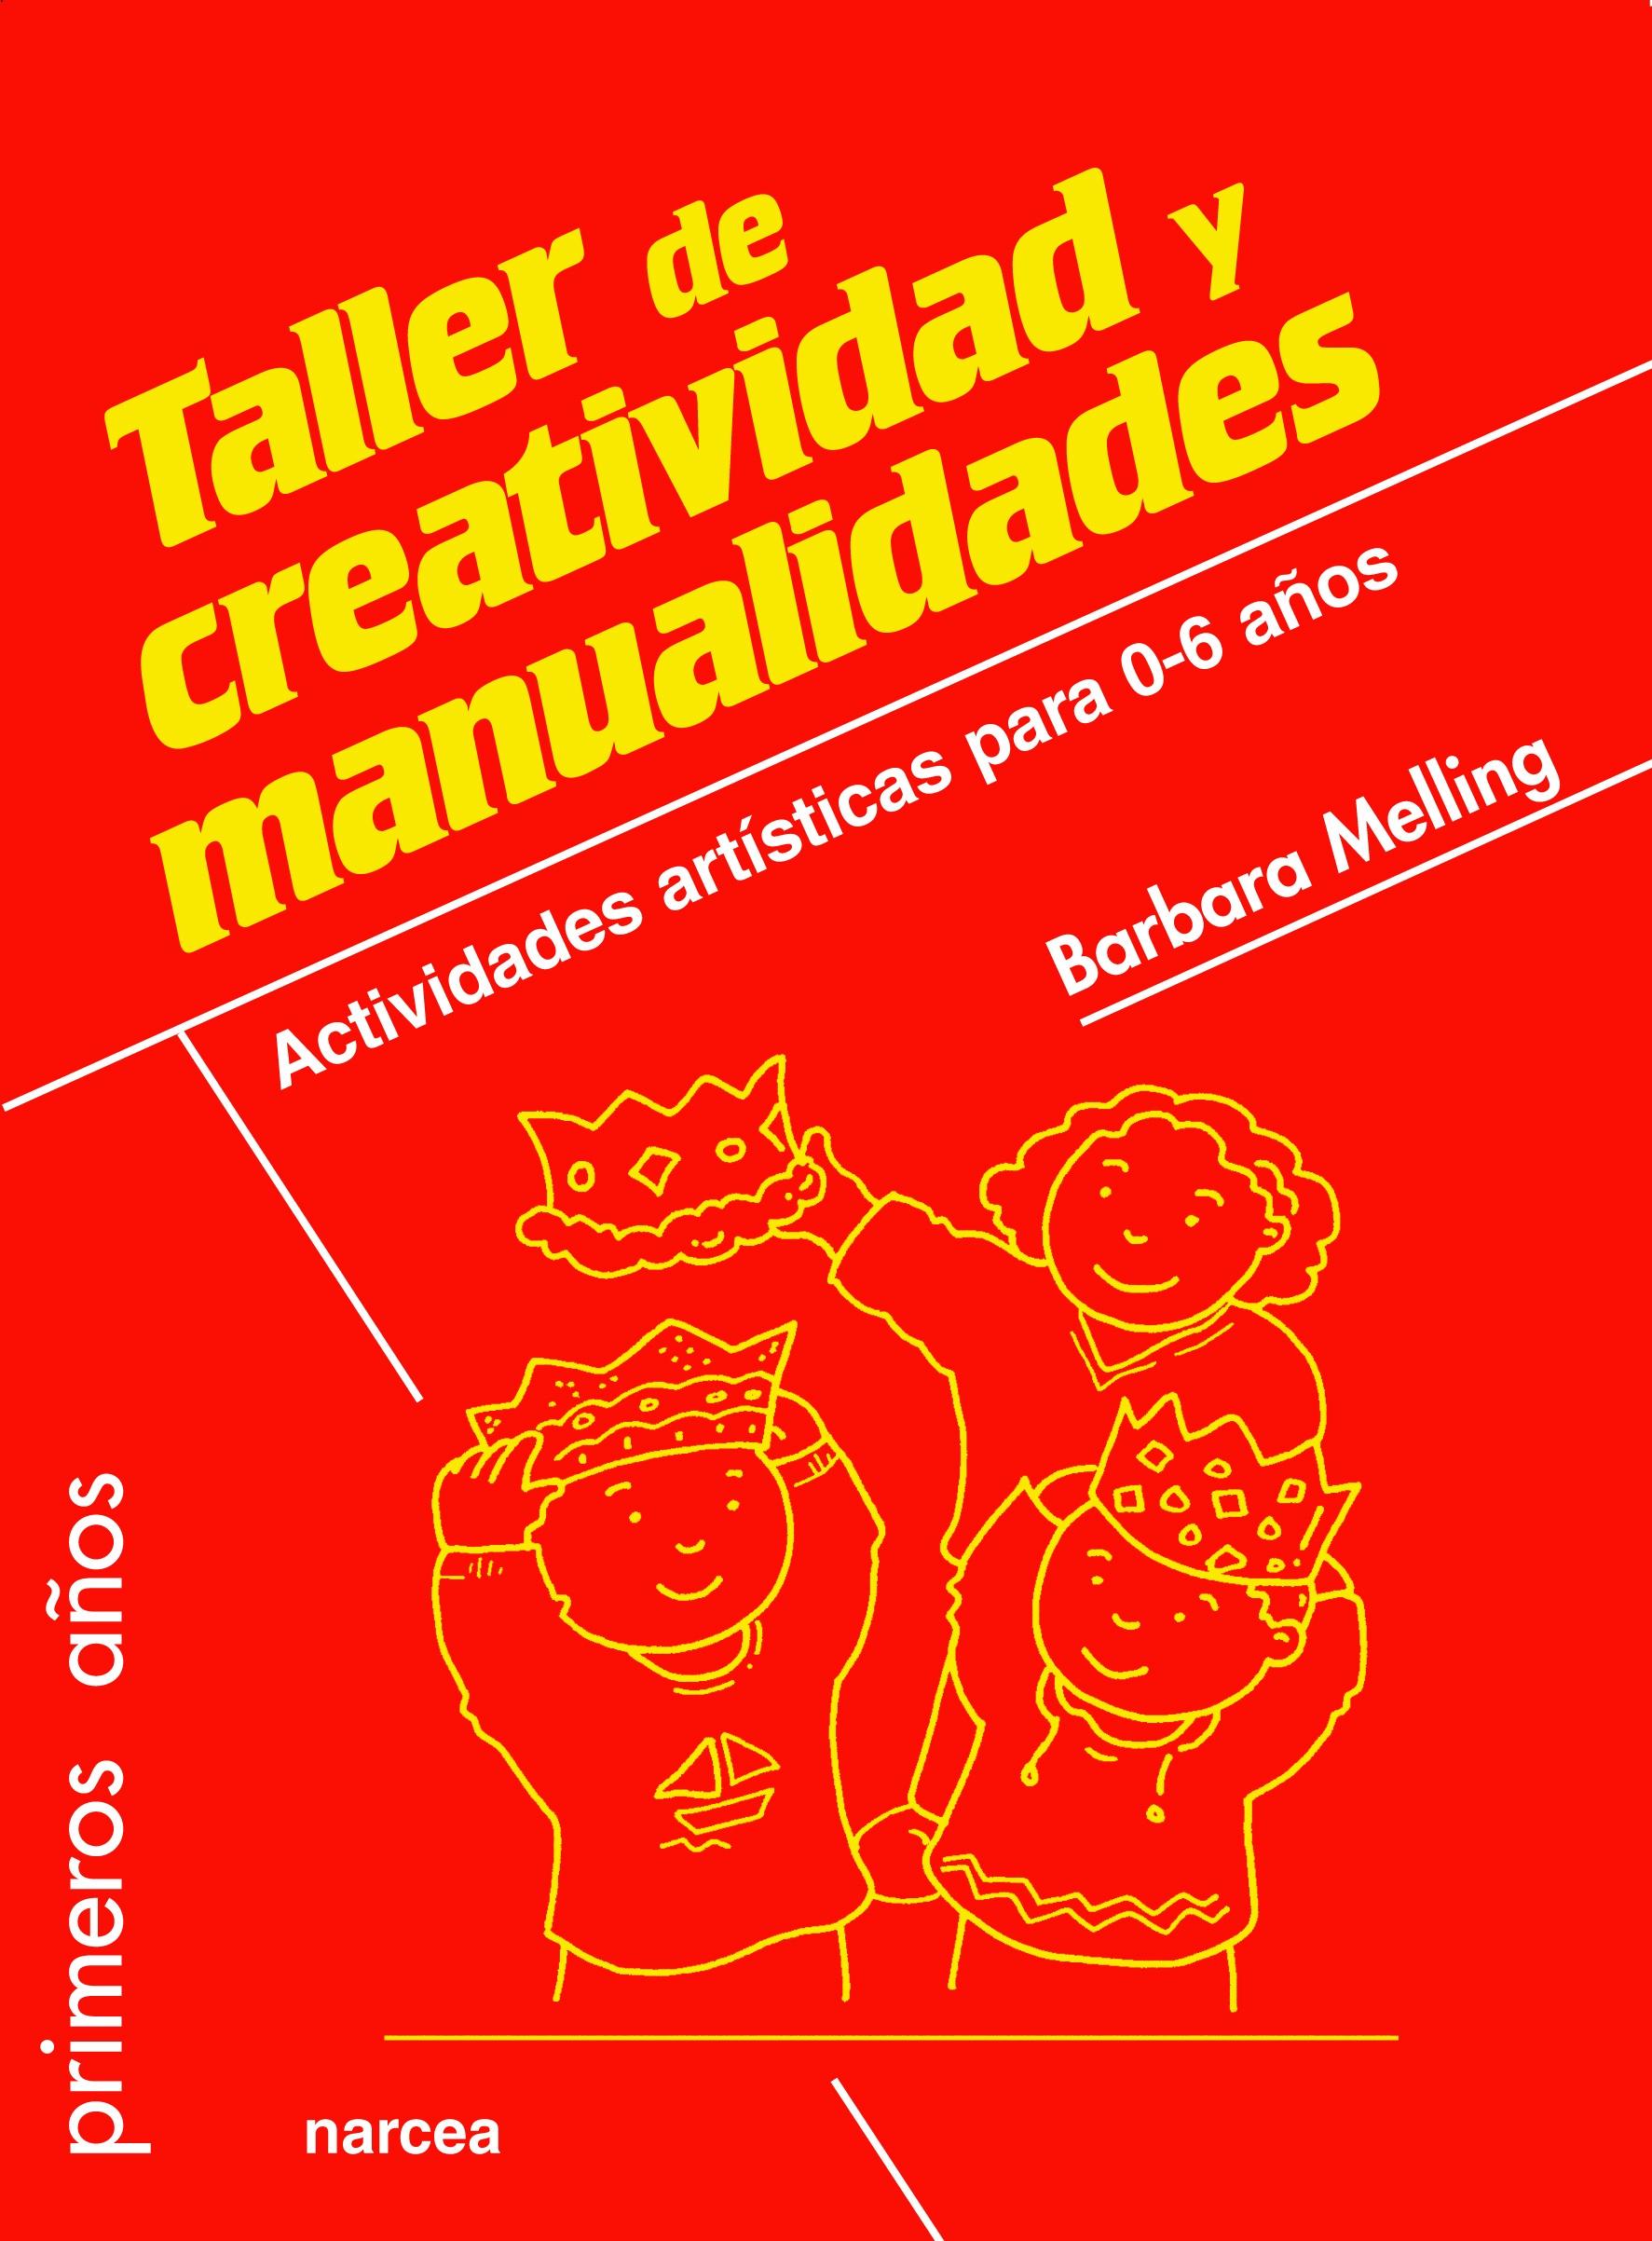 Taller de creatividad y manualidades